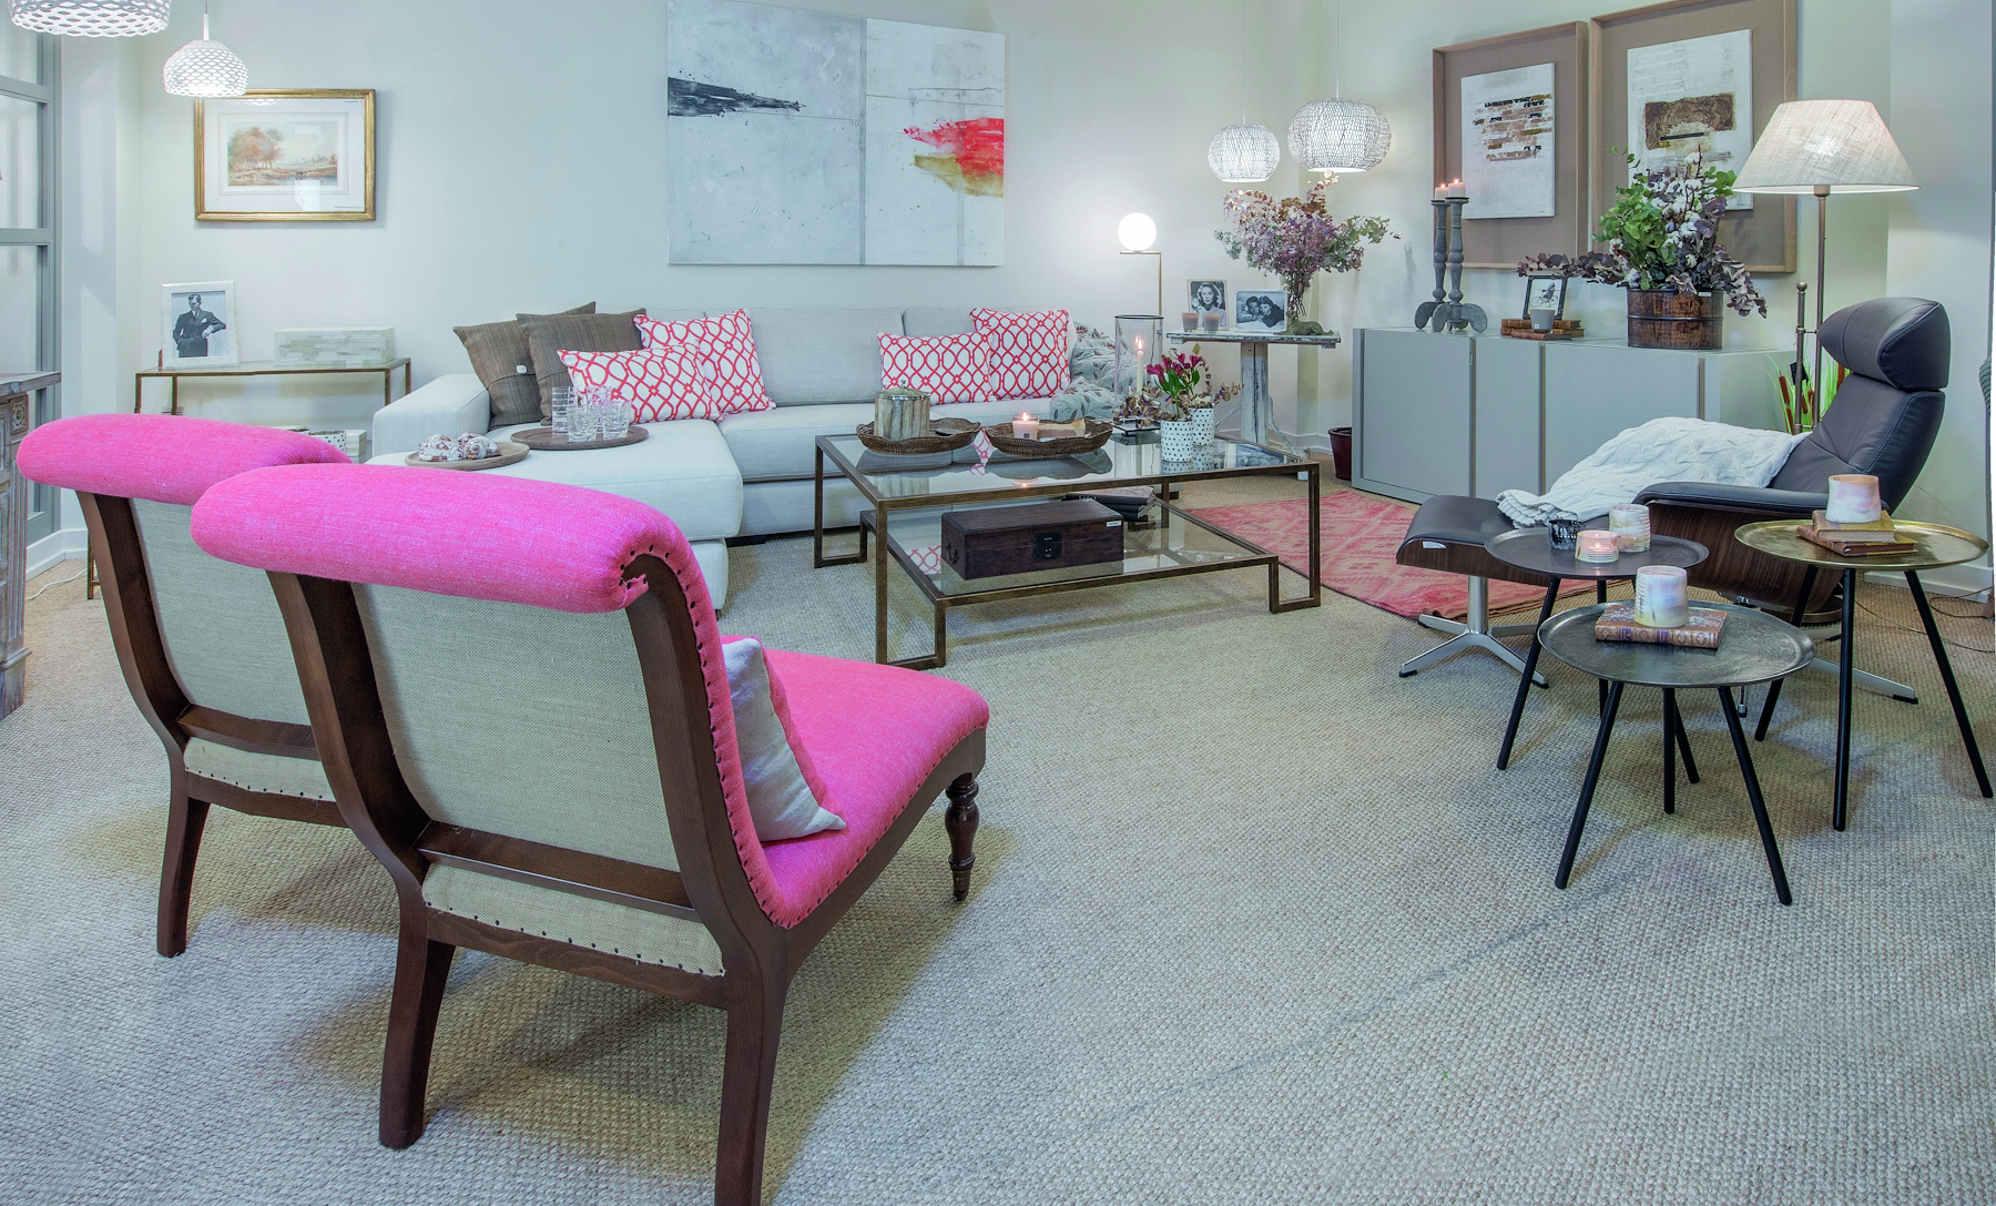 Tiendas de decoraci n en sevilla vanguardia y estilo en p for Tiendas de decoracion en sevilla